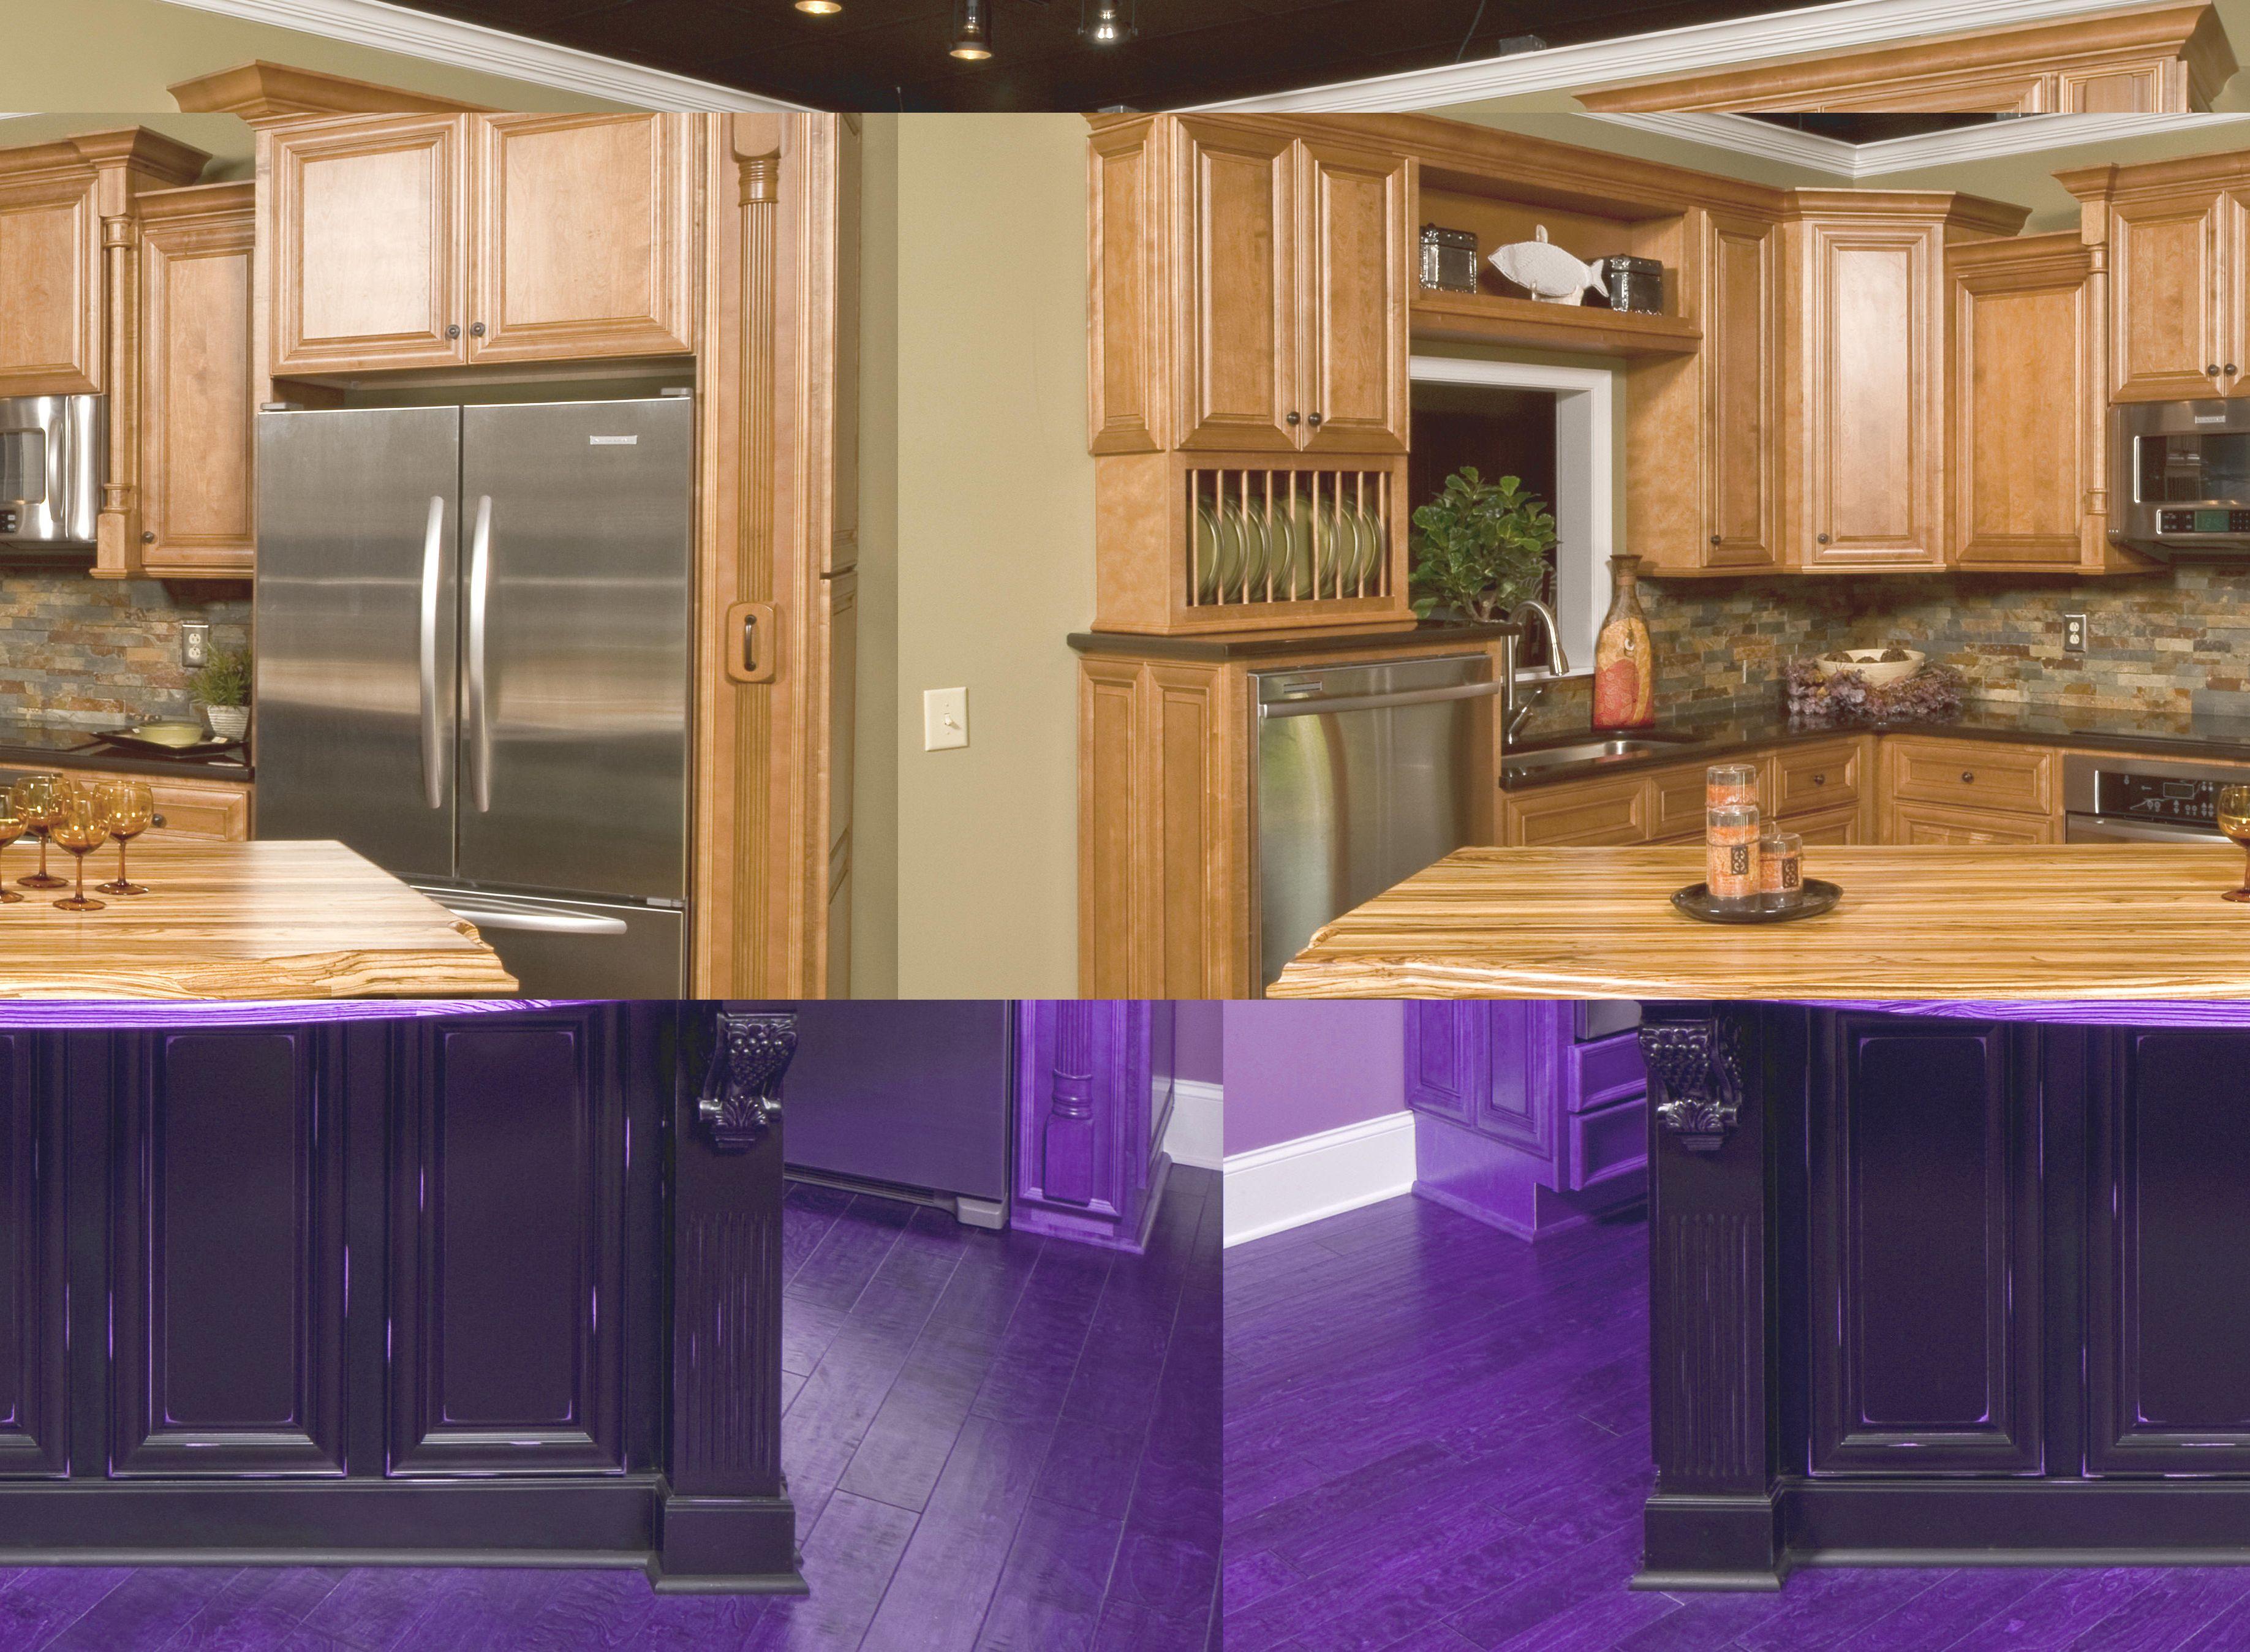 Best Kitchen Gallery: Black Distressed Kitchen Cabi S Pre Finished Kitchen Cabi S of Prefinished Kitchen Cabinets on rachelxblog.com